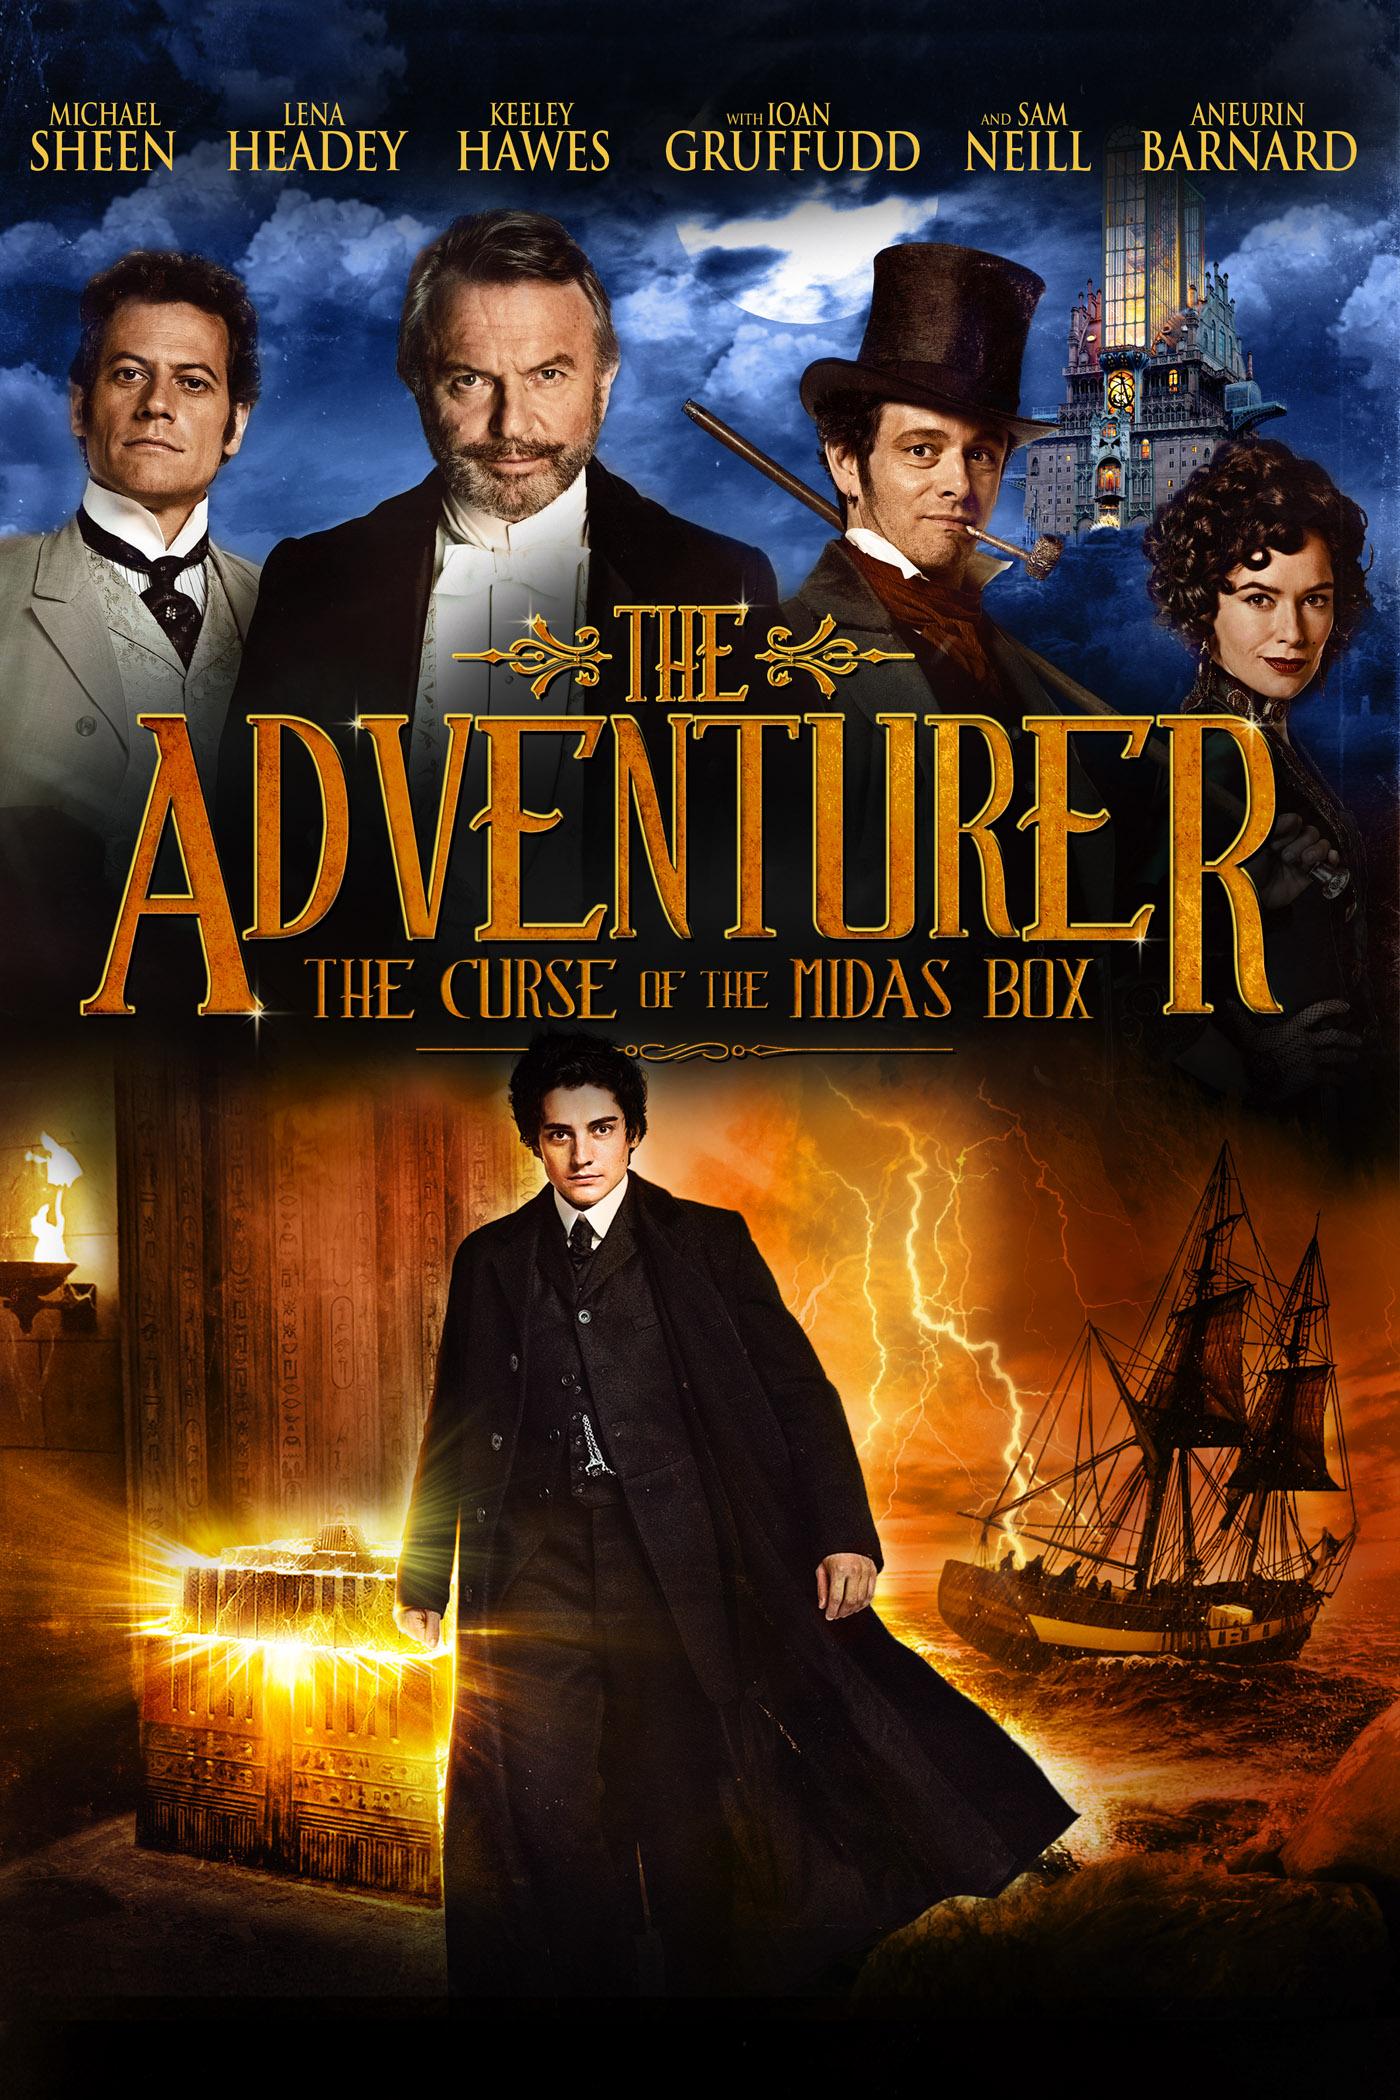 Poszukiwacz przygód: Klątwa skrzyni Midasa / The Adventurer: The Curse of the Midas Box